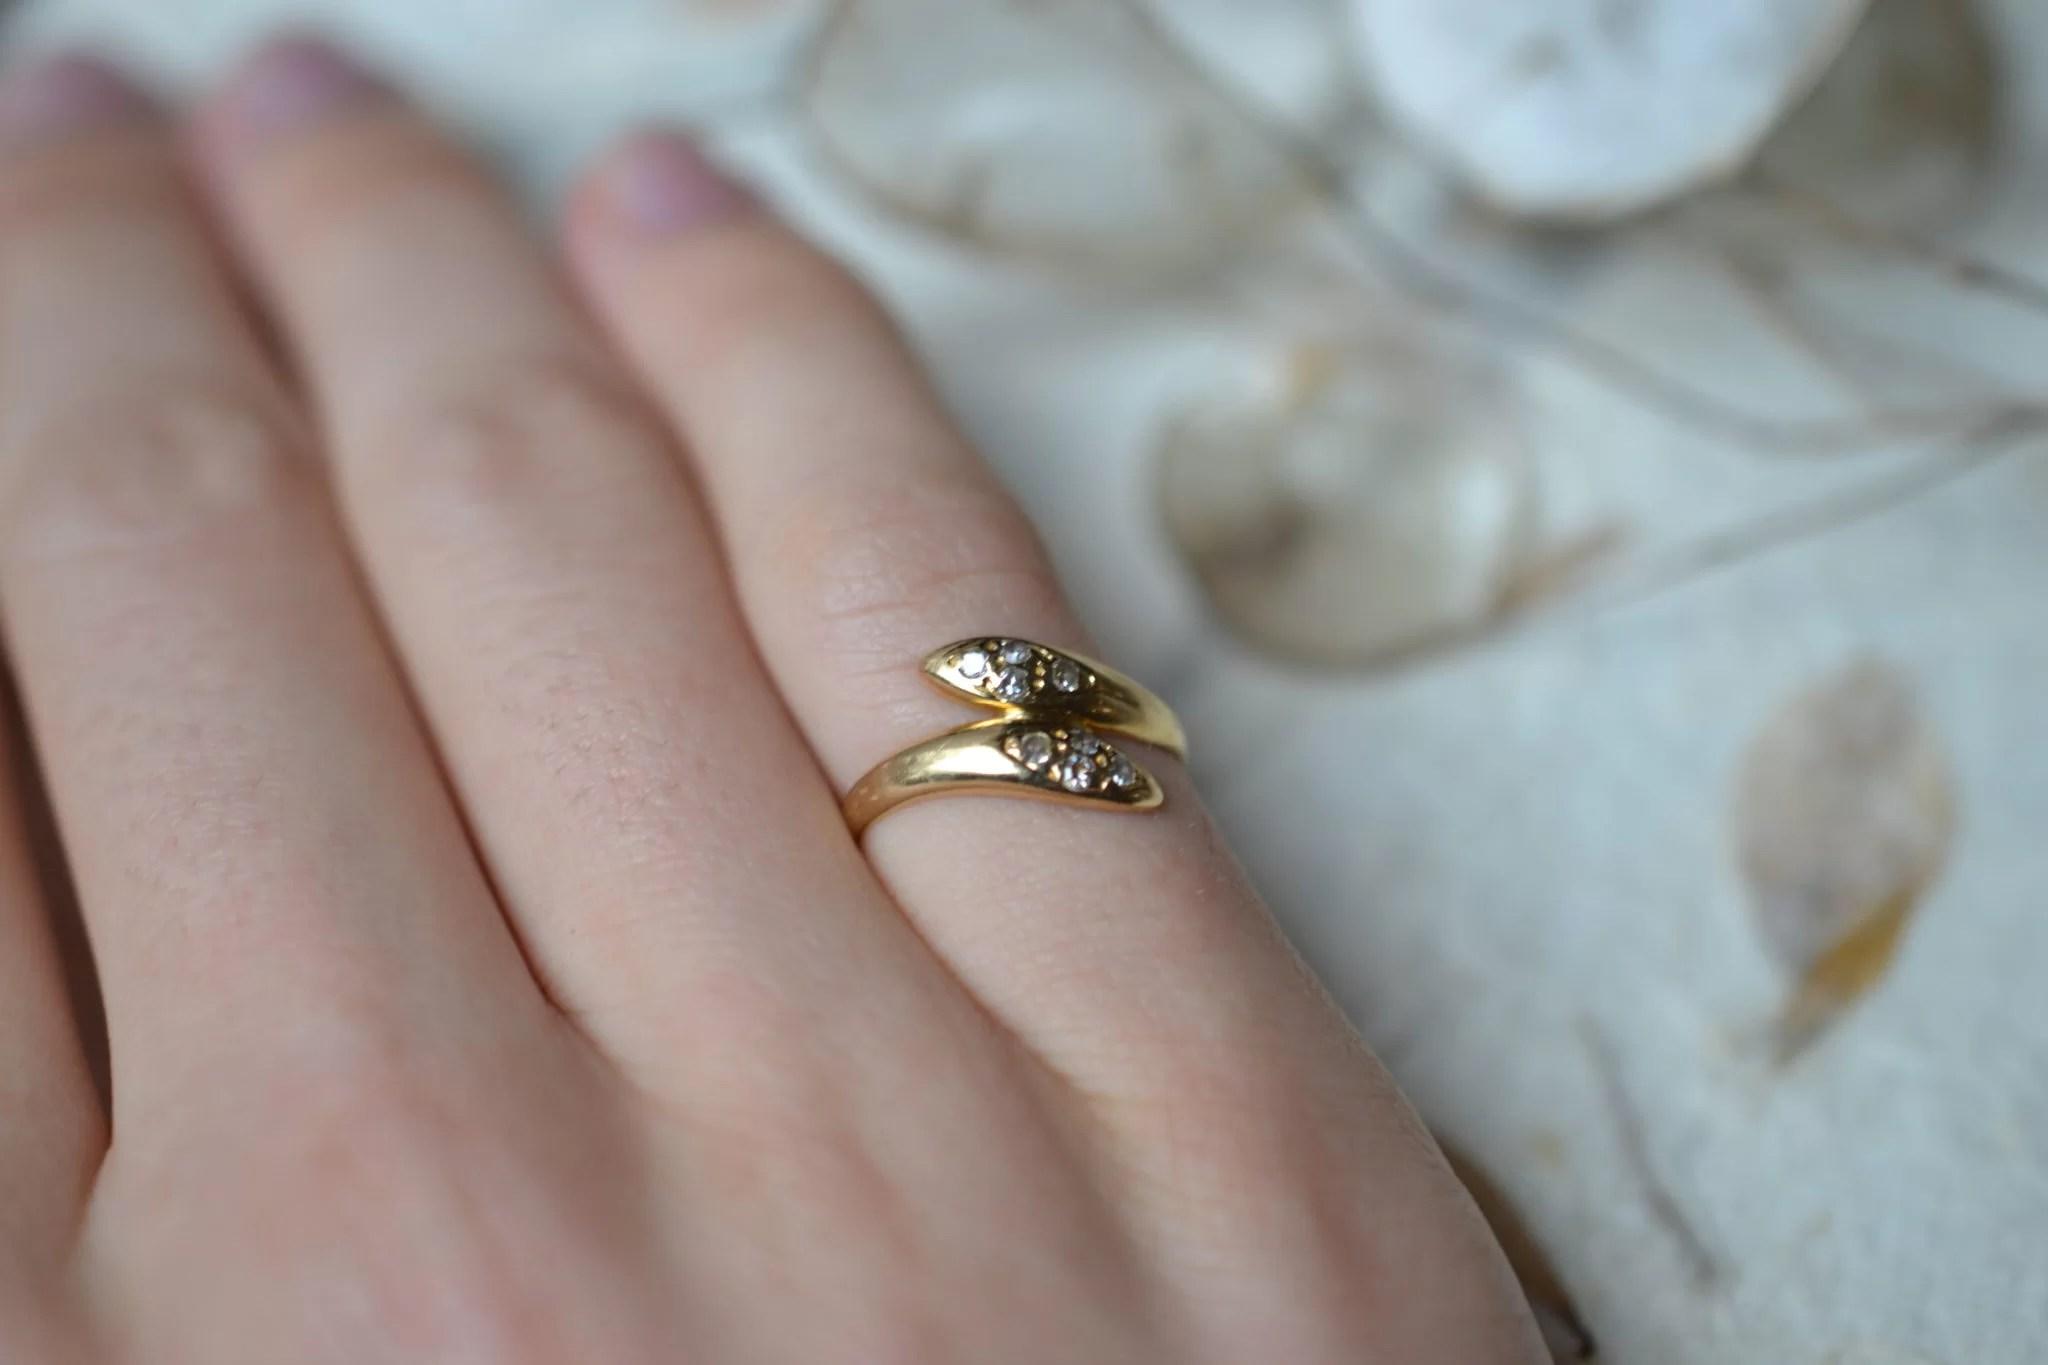 Bague de petit doigt en forme de serpents entrelacés en Or jaune ornée de 8 diamants bijou rétro